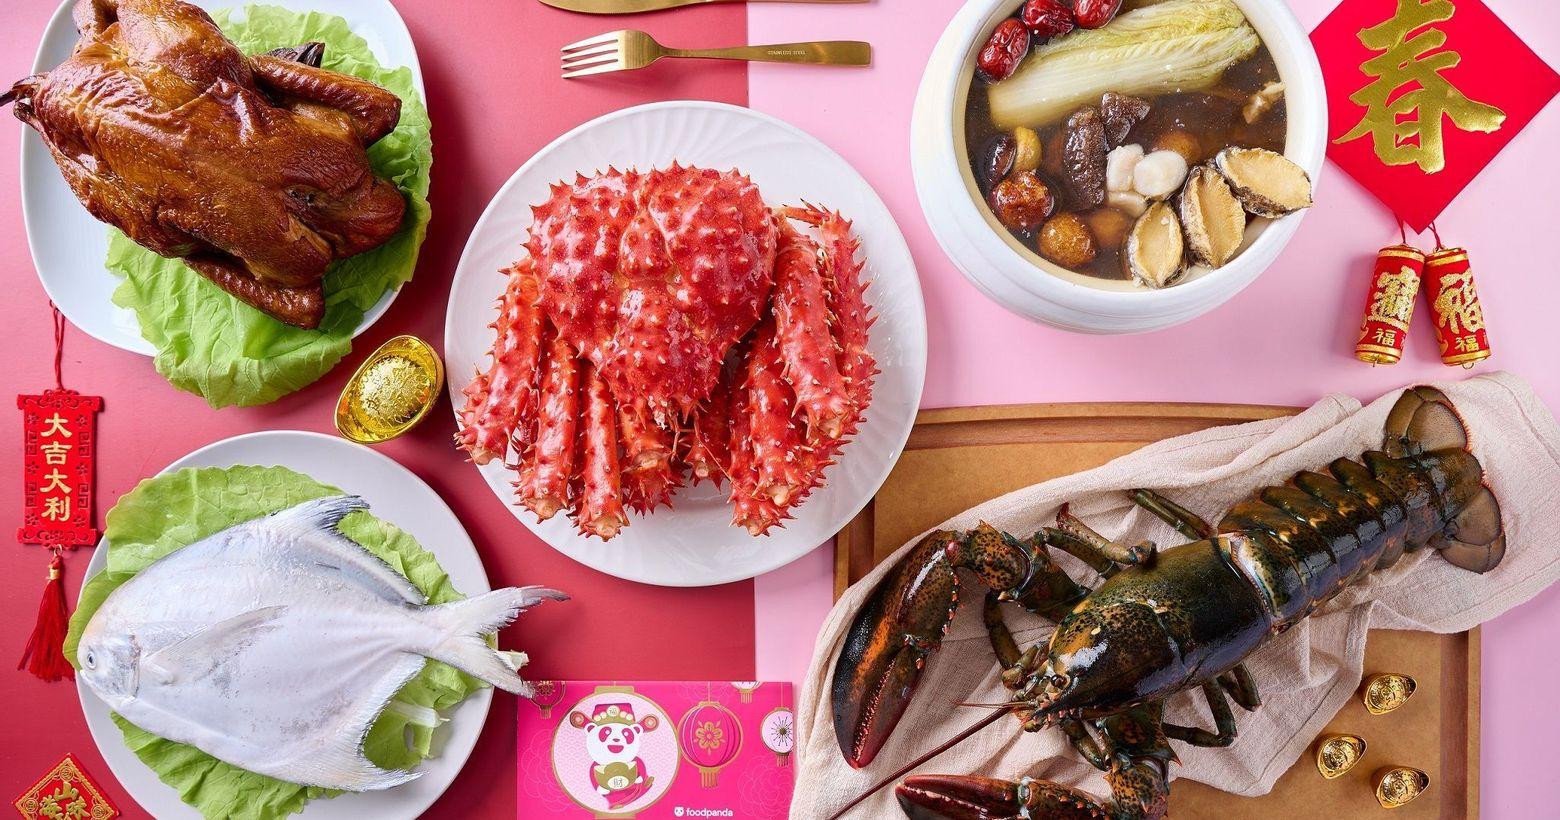 過年「宅」家吃! 波士頓龍蝦、帝王蟹、日本和牛上架熊貓超市一鍵到府宅過年也能吃好料,全台最大即時外送